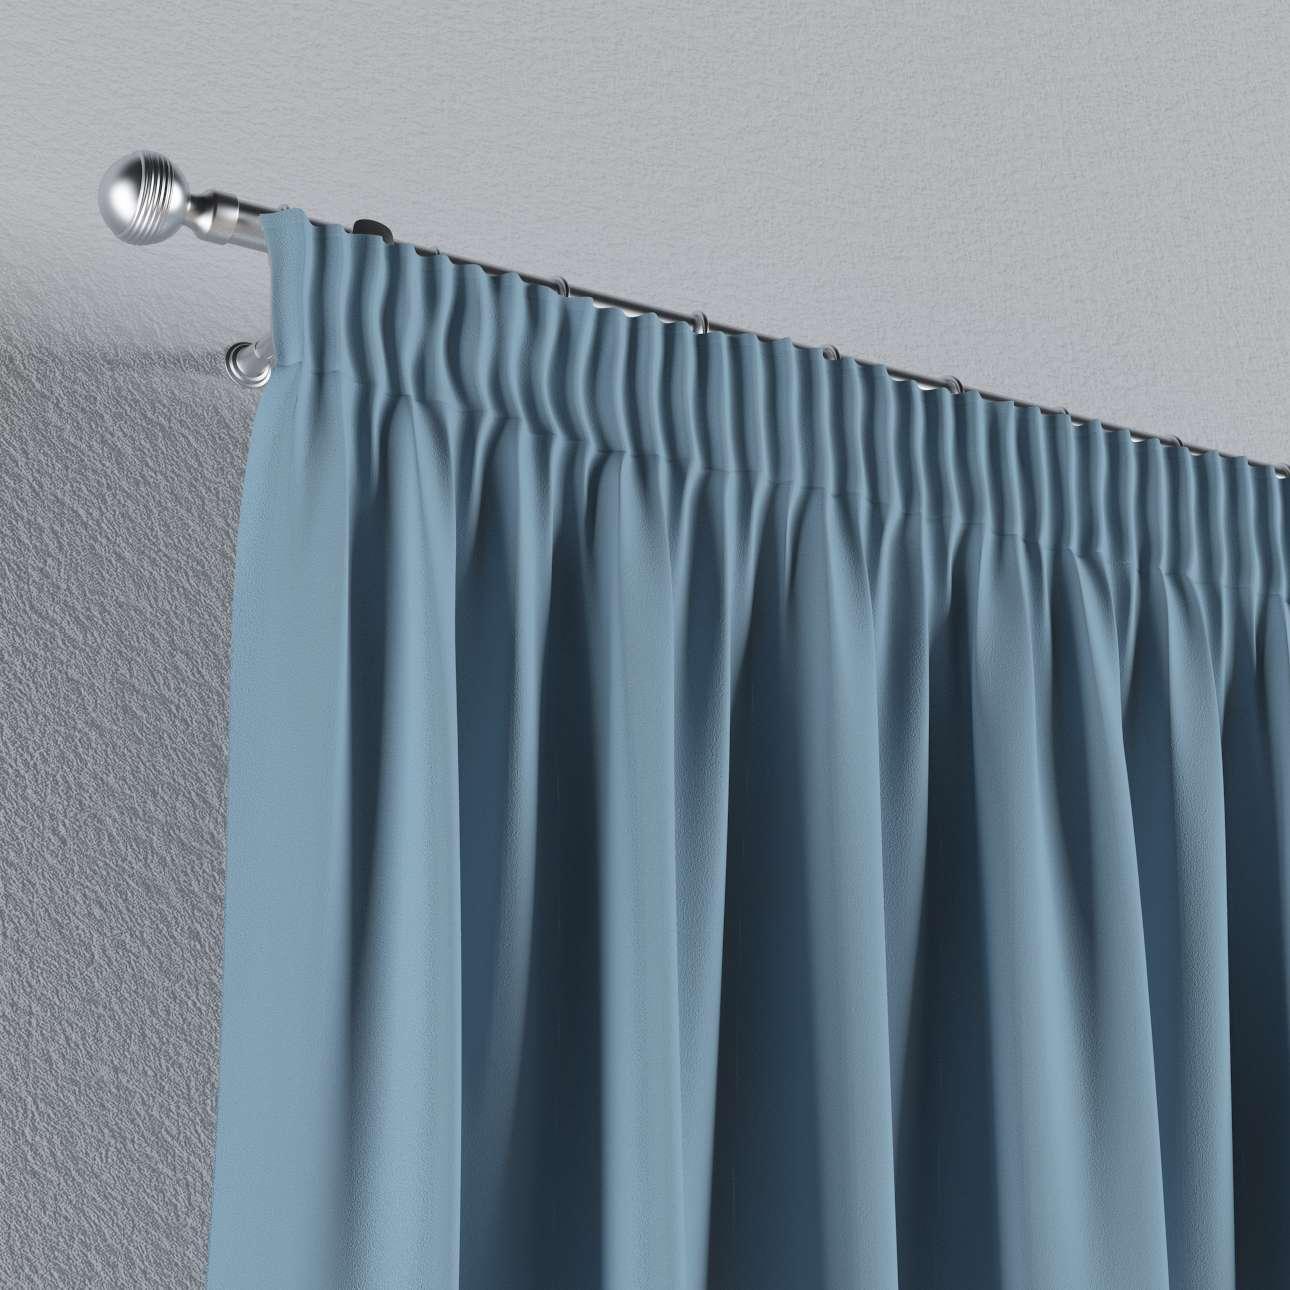 Mörkläggande gardin med rynkband 1 längd 140x260 cm i kollektionen Blackout (mörkläggande), Tyg: 269-08